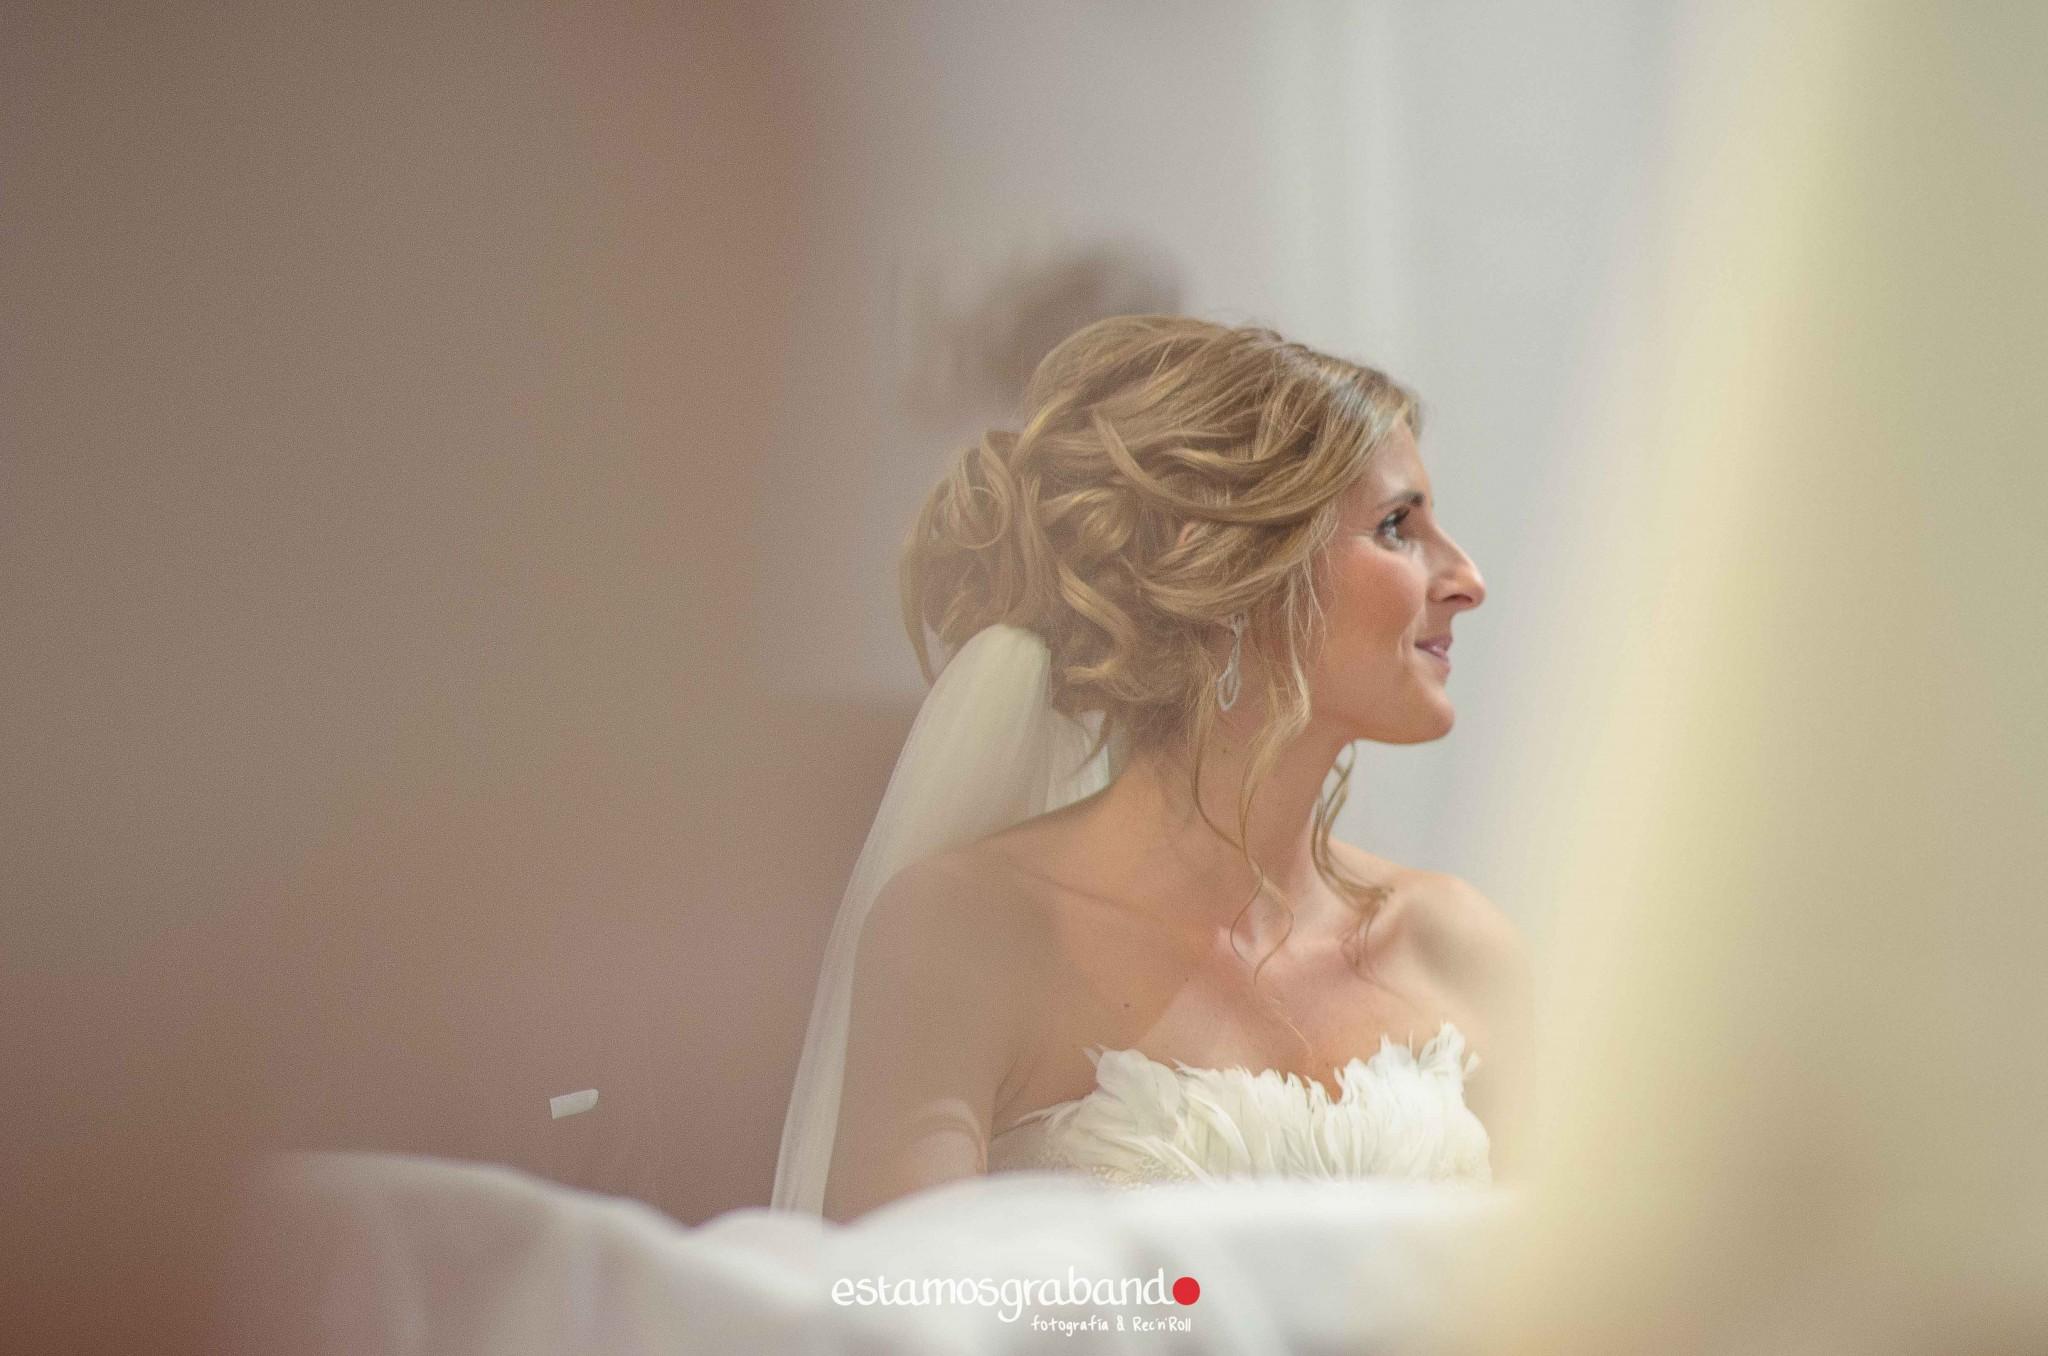 fotografia-de-boda_boda-en-cadiz_reportaje-de-fotos_boda-miriam-y-jesus-13 Emotions made in Cádiz [Fotografía de bodas en Cádiz] - video boda cadiz